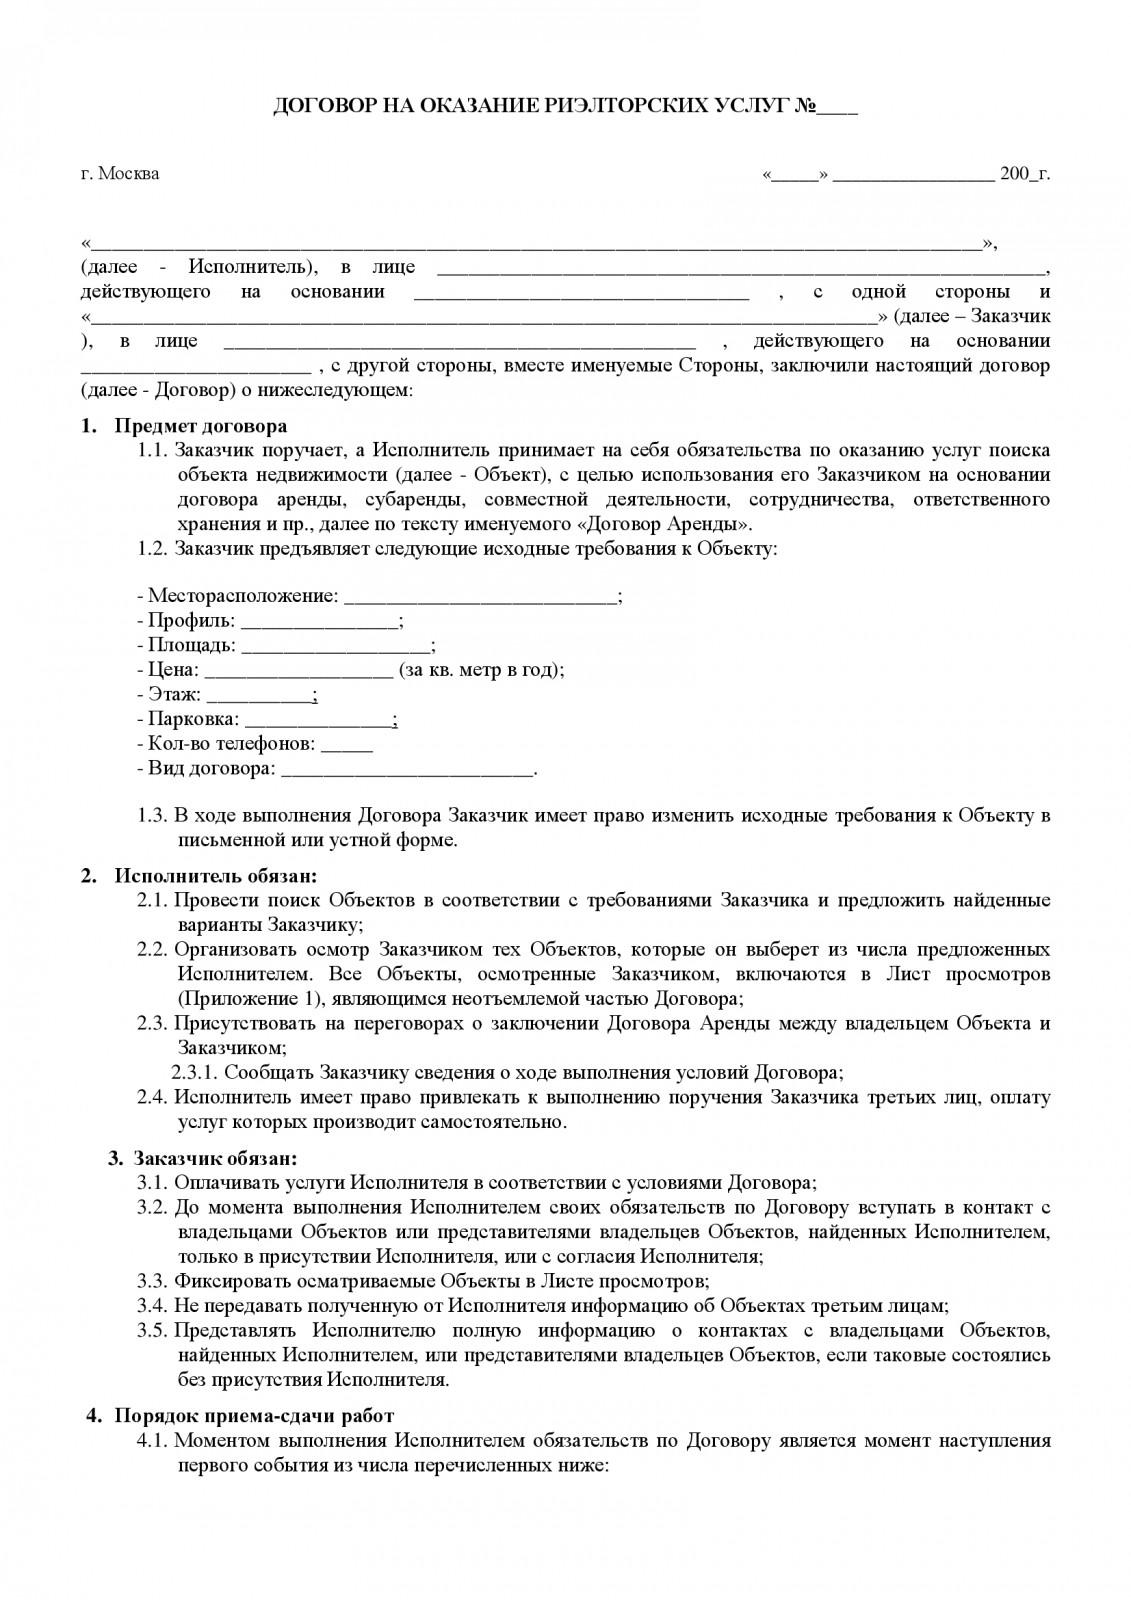 Договор на оказание услуг с покупателем объекта недвижимости